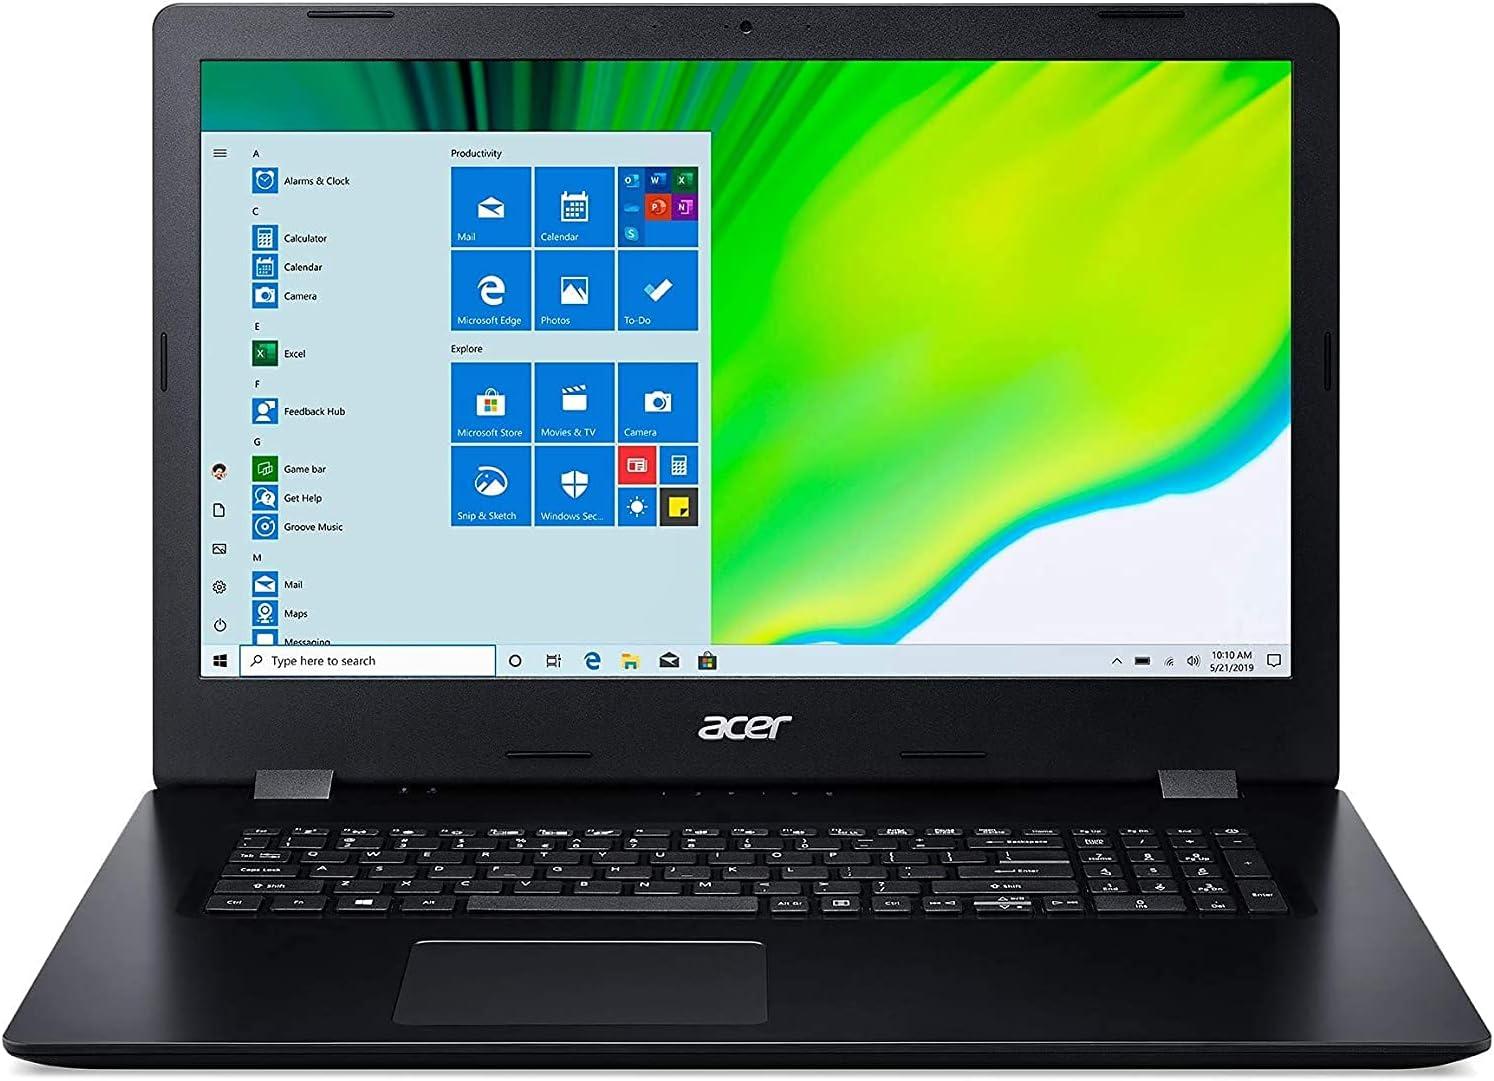 Acer Aspire 3 Intel Core i5-1035G1 8GB 1TB HDD + 512GB SSD 17.3-Inch HD+ (1600 x 900) Windows 10 Laptop, HDMI, DVDRW, Wi-Fi, Bluetooth, TWE Cloth